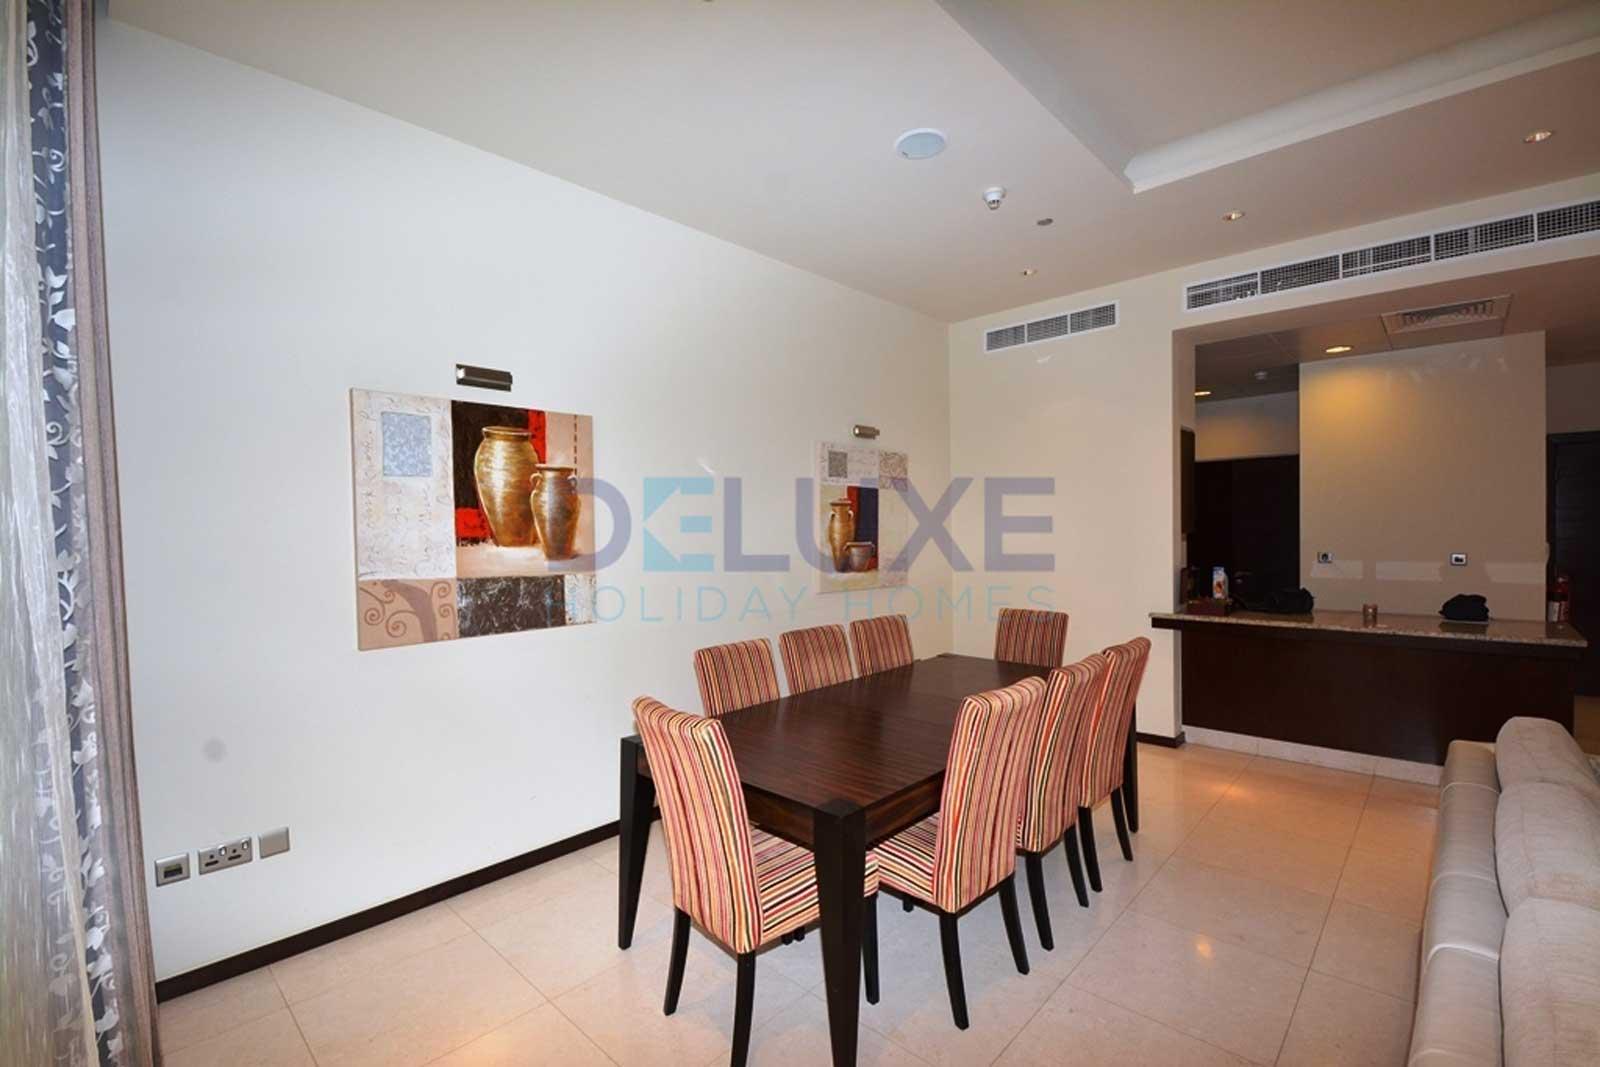 Tiara Residences - Dining Area - Dubai Holiday Home